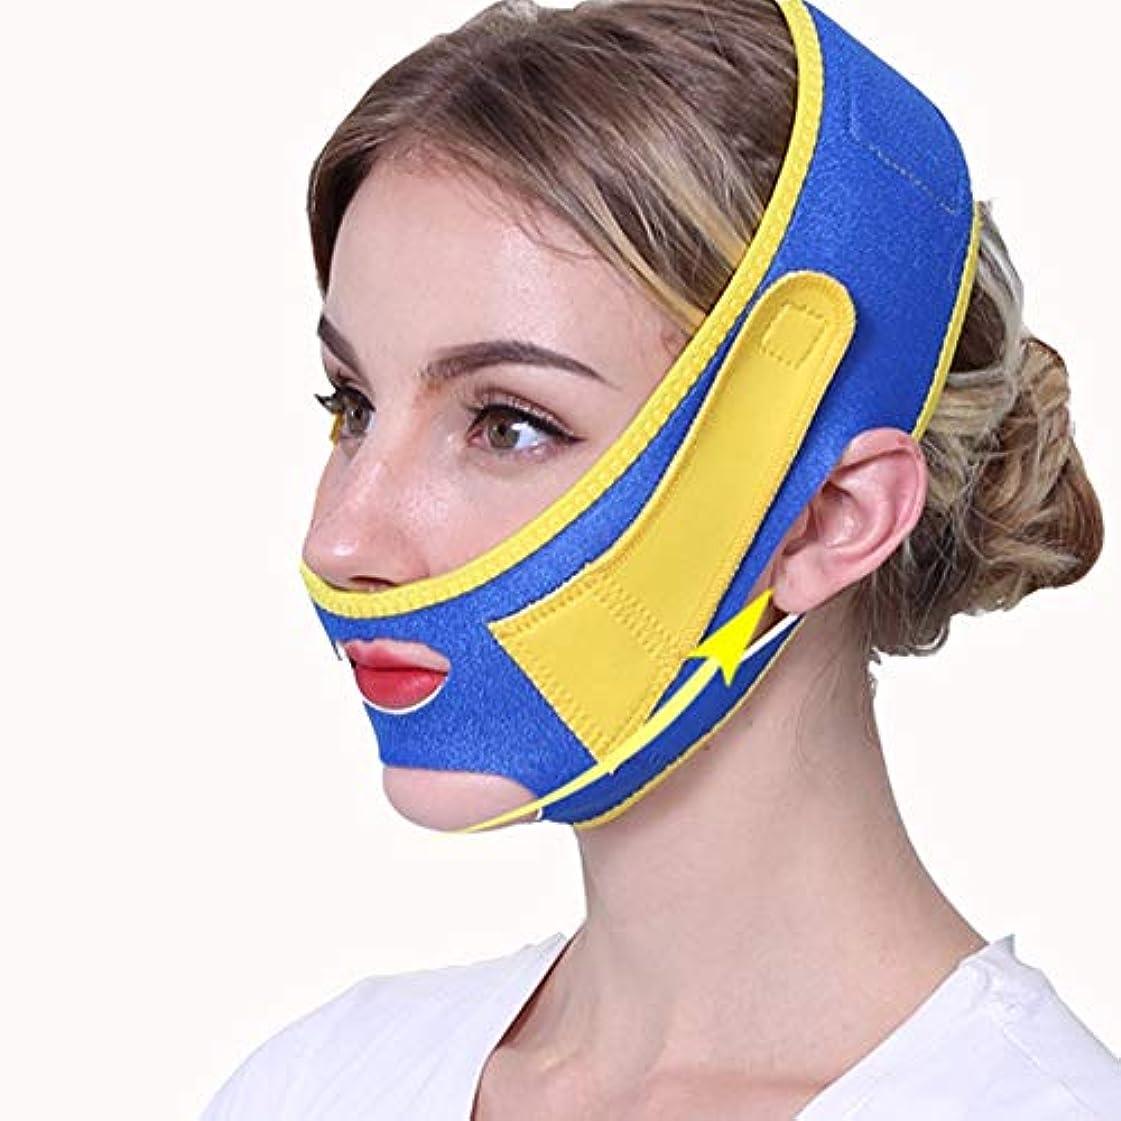 請求可能王位手荷物XINGZHE フェイシャルリフティング痩身ベルトフェイス包帯マスク整形マスクフェイスベルトを引き締める薄型フェイス包帯整形マスクフェイスと首の顔を引き締めスリム フェイスリフティングベルト